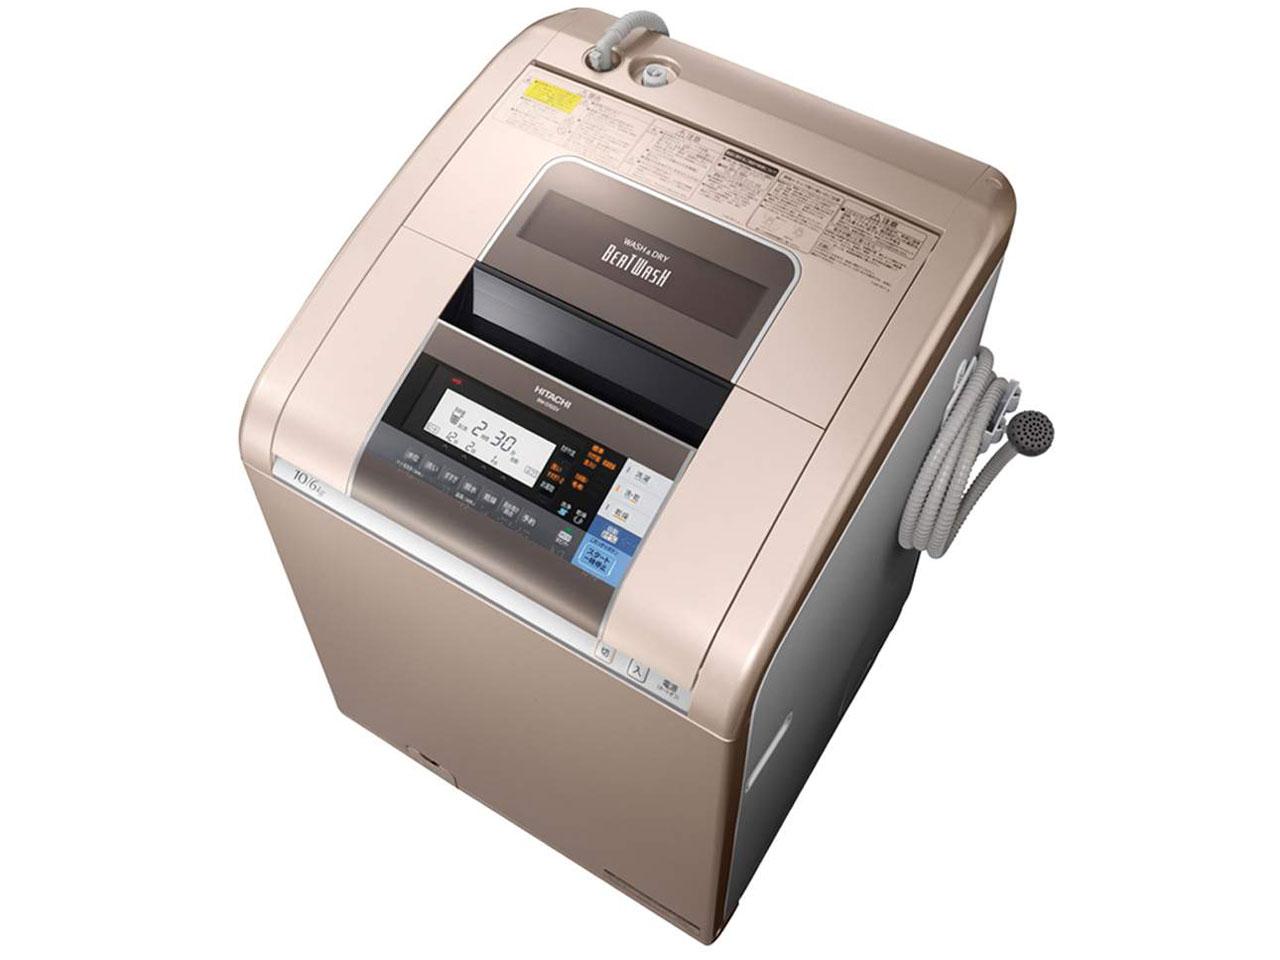 価格.com - ビートウォッシュ BW-D10SV の製品画像